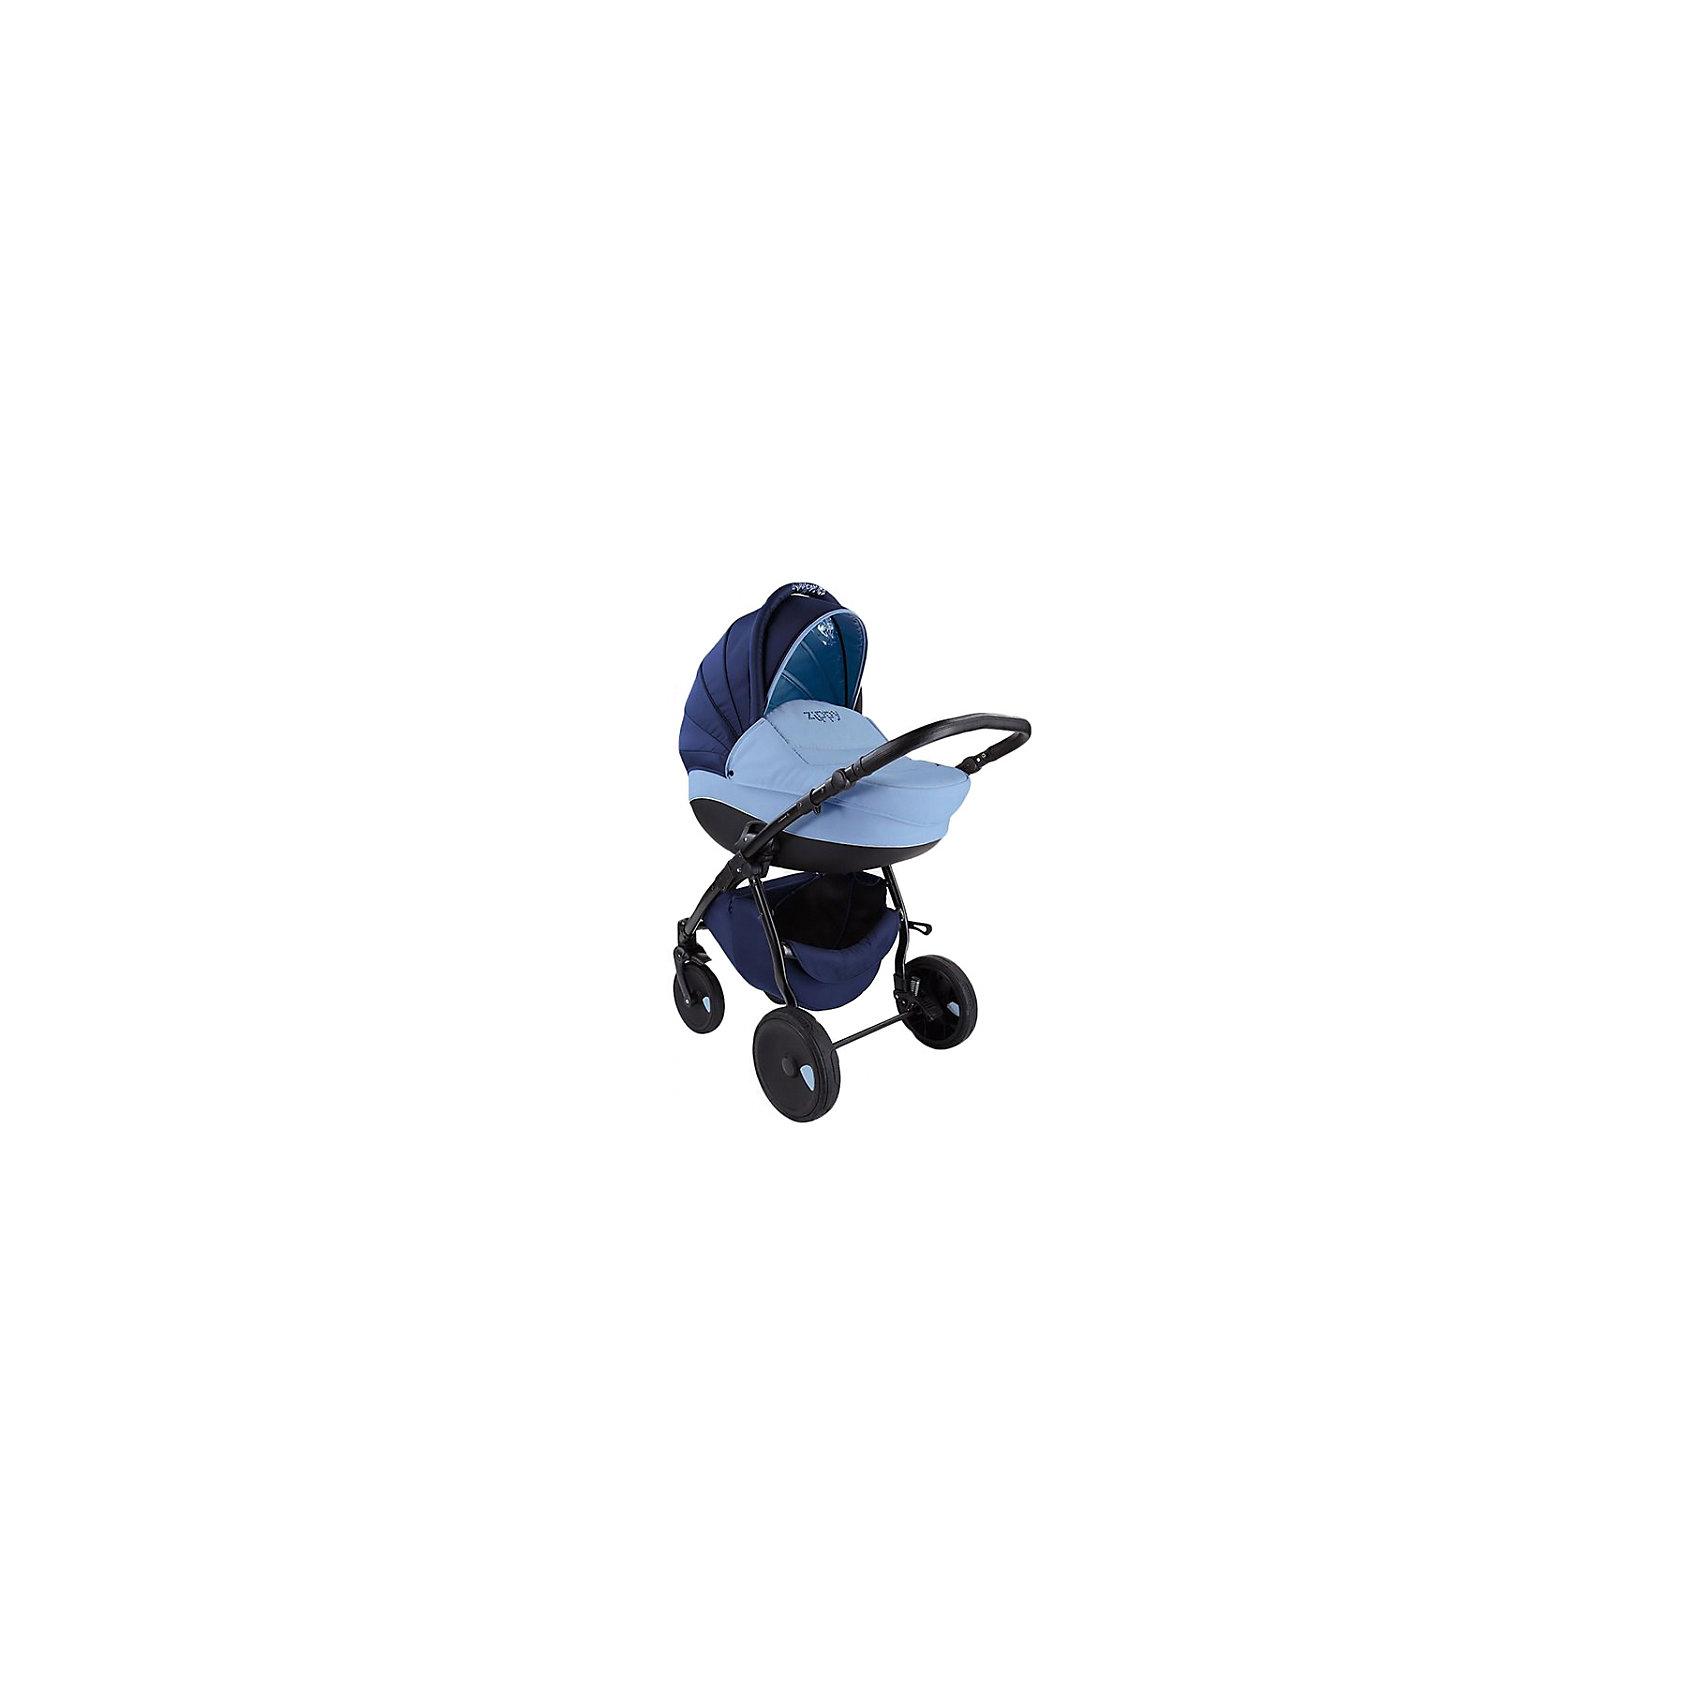 Коляска 2 в 1 Zippy New, Tutis, темно-синий/светло-голубойКоляска 2 в 1 Zippy New, Tutis, темно-синий/светло-голубой<br>Коляска Zippy New, Tutis – это просторная глубокая люлька, прогулочный блок и шасси на которое эти два модуля устанавливаются, как лицом к маме, так и наоборот. Коляска имеет надувные колеса, передние - поворотные с блокировкой, задние - с ножными тормозами. Большой регулируемый капюшон с удобной ручкой надежно защищает малыша. Заднюю часть капюшона можно отстегнуть, получается летний вариант с москитной сеткой и тентом от солнца. Предусмотрен встроенный козырёк с силиконовой вставкой. Люлька с вентиляционными отверстиями в нижней части имеет жесткий каркас. Внутри люльки - тканевое покрытие и матрасик из кокосового волокна со съемным чехлом. Имеется регулируемый подголовник. Прогулочный блок имеет широкое сидение. Наклон спинки регулируется в 4 положениях вплоть до горизонтального. Имеется покрытая силиконом регулируемая подножка (3 положения), регулируемые пятиточечные ремни безопасности с мягкими накладками, мягкий матрасик вкладыш, накидка на ножки, мягкий съемный бампер обтянутый силиконовой пленкой. Регулируемая ручка коляски отделана эко-кожей. Имеется корзина для покупок и сумка для мамы. Шасси легко и компактно складывается, имеется фиксатор от раскладывания. Все тканевые покрытия коляски изготовлены из прочной, но нежной хлопчатобумажной ткани, технология SILVER PLUS обеспечивает защиту от микробов и аллергенов.<br><br>Дополнительная информация:<br><br>- В комплекте: люлька, прогулочный блок, шасси, сумка для мамы, корзина для покупок, чехол на ножки (для люльки и прогулочного блока), москитная сетка, дождевик, матрас для люльки, матрасик-вкладыш для прогулочного блока<br>- Функция качания (когда люлька лежит на полу)<br>- Размер: шасси в разложенном виде 84х62х101 см; шасси в сложенном виде 89х62х38 см.<br>- Размеры: люлька внешний размер 87х39х22 см, внутренний 76х36 см; прогулочный блок внешний размер 95х39х24 см. внутренний 90х39 см.<